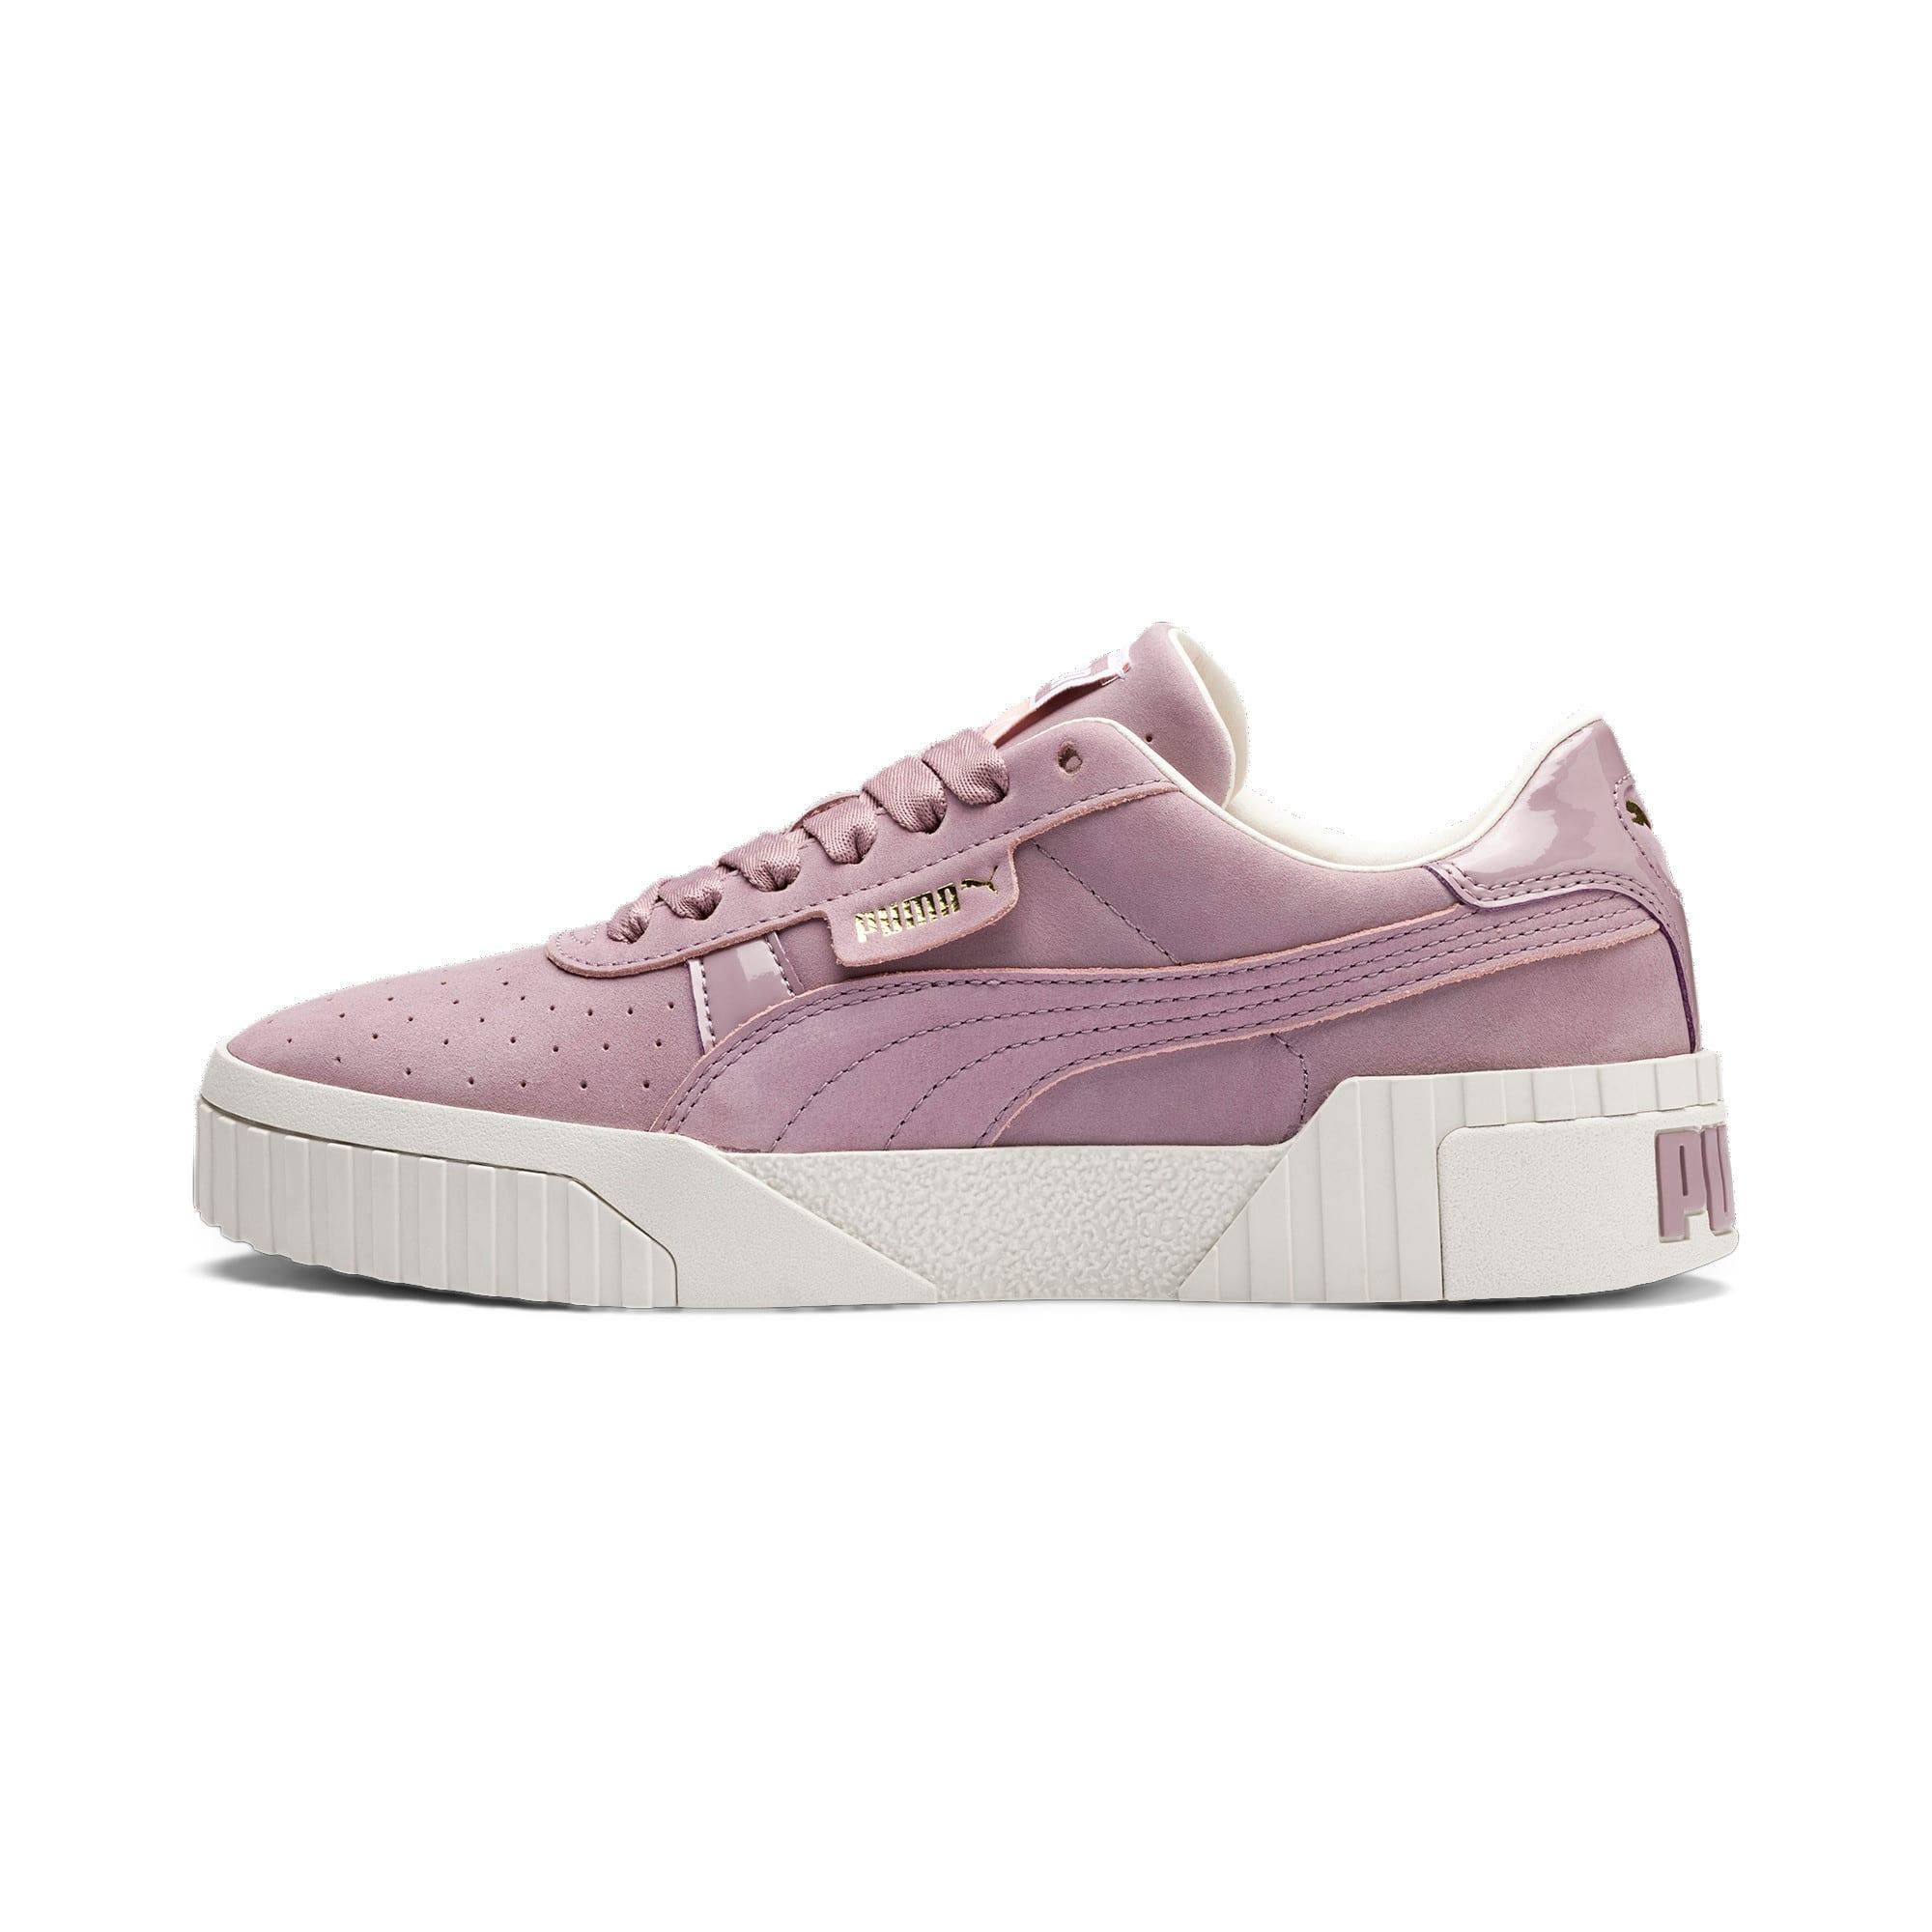 Miniatura 1 de Zapatos deportivos de nobuk Cali para mujer, Elderberry, mediano